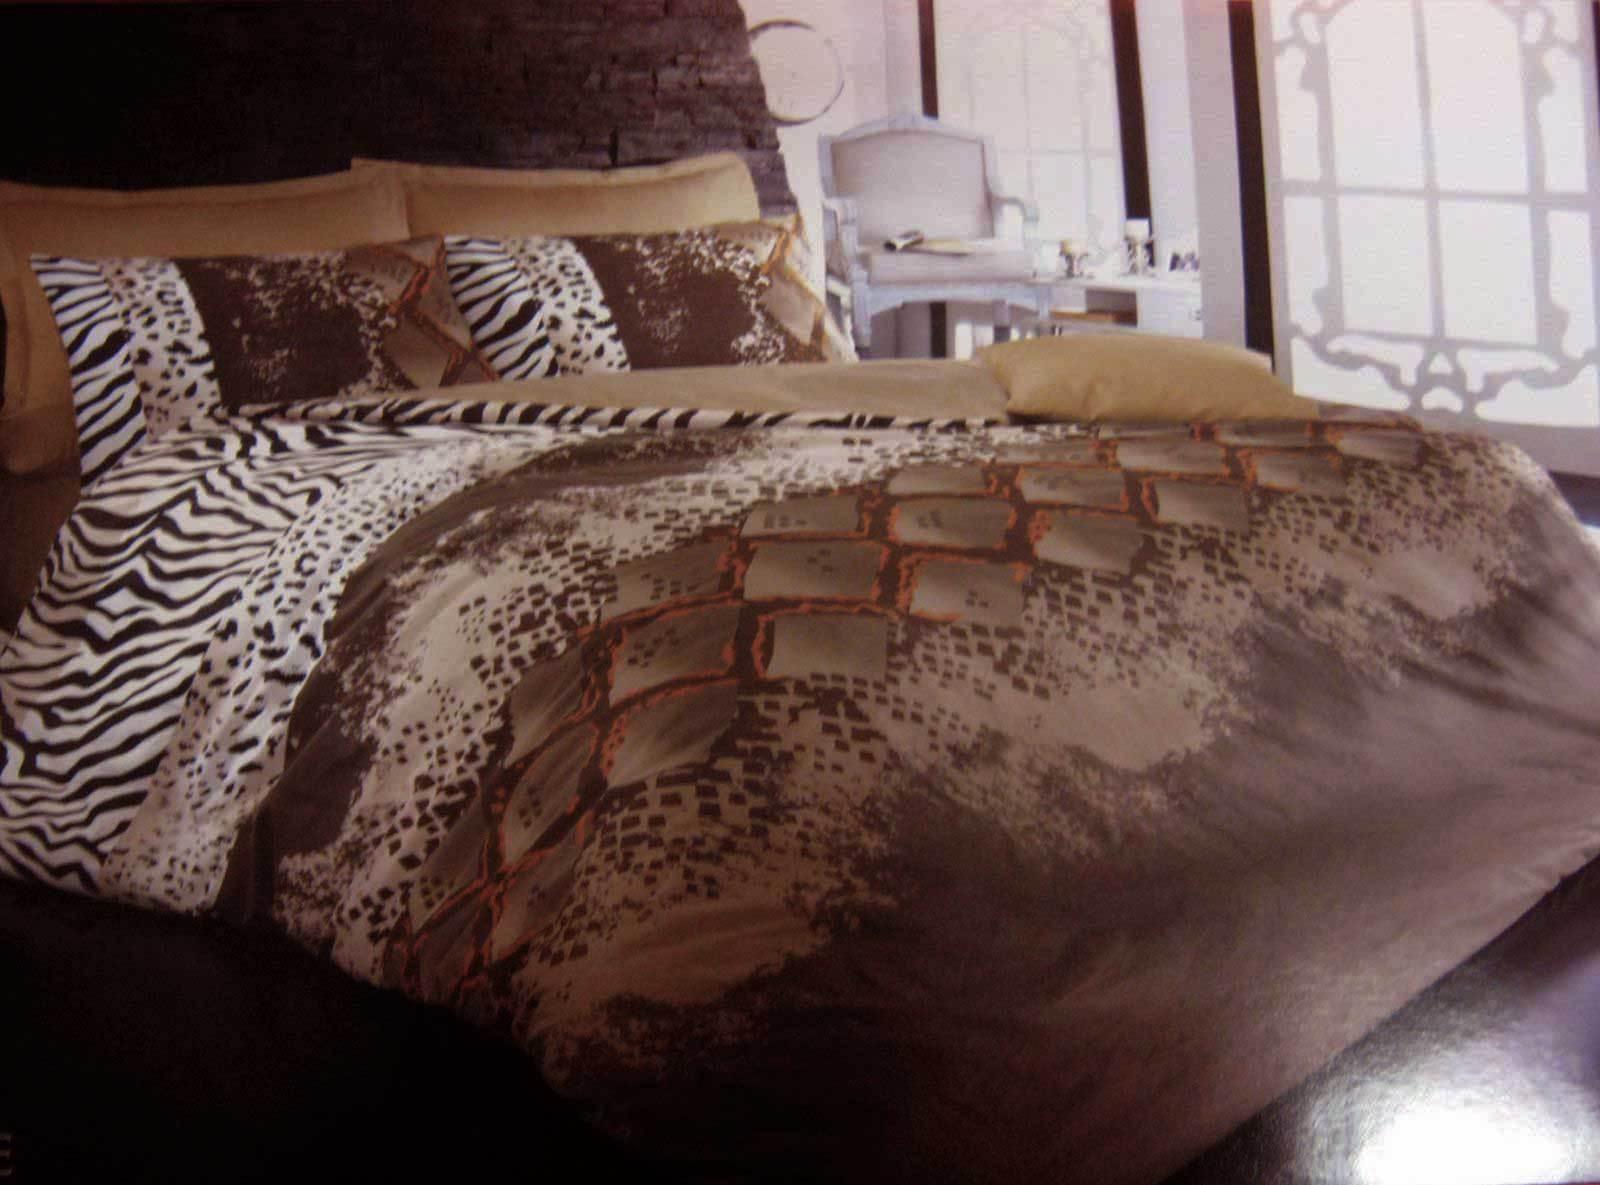 Bettwäsche 200x220 cm Bettgarnitur Bettbezug Satin 100% Baumwolle 6 tlg SNAKE BR